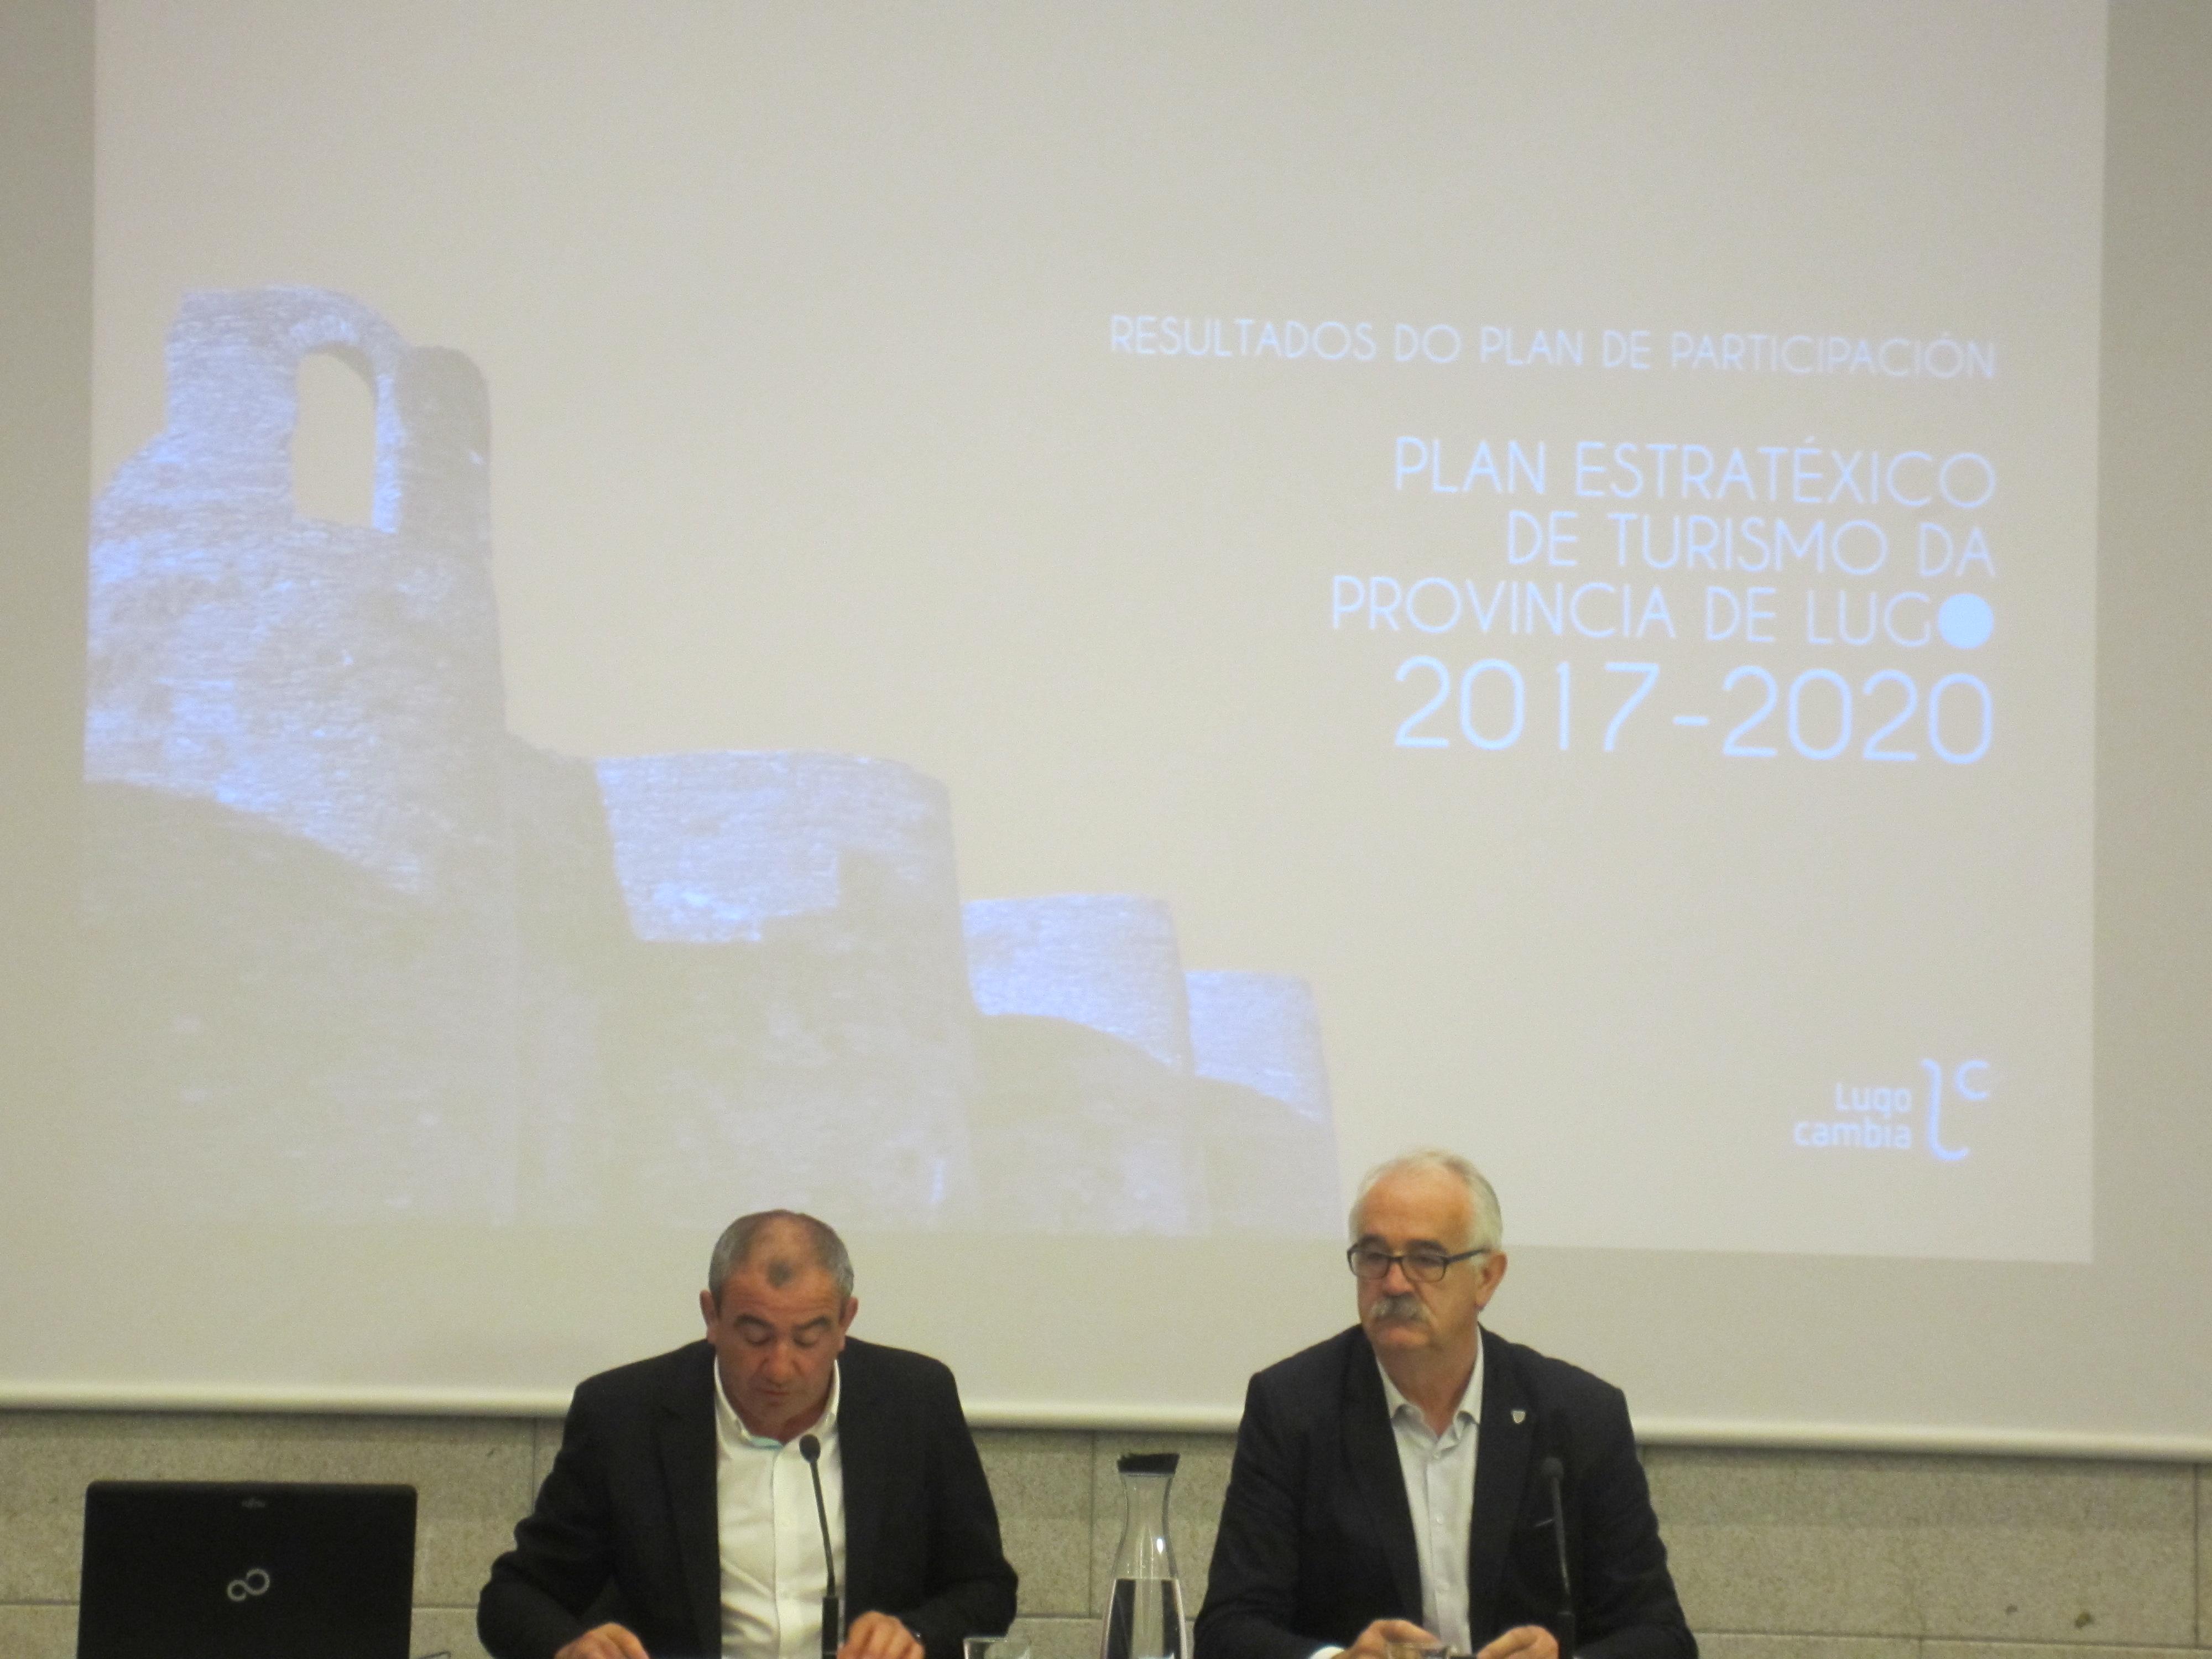 Presentación dos Resultados do Plan de participación no Plan Estratéxico de Turismo da Provincia de Lugo 2017-2020